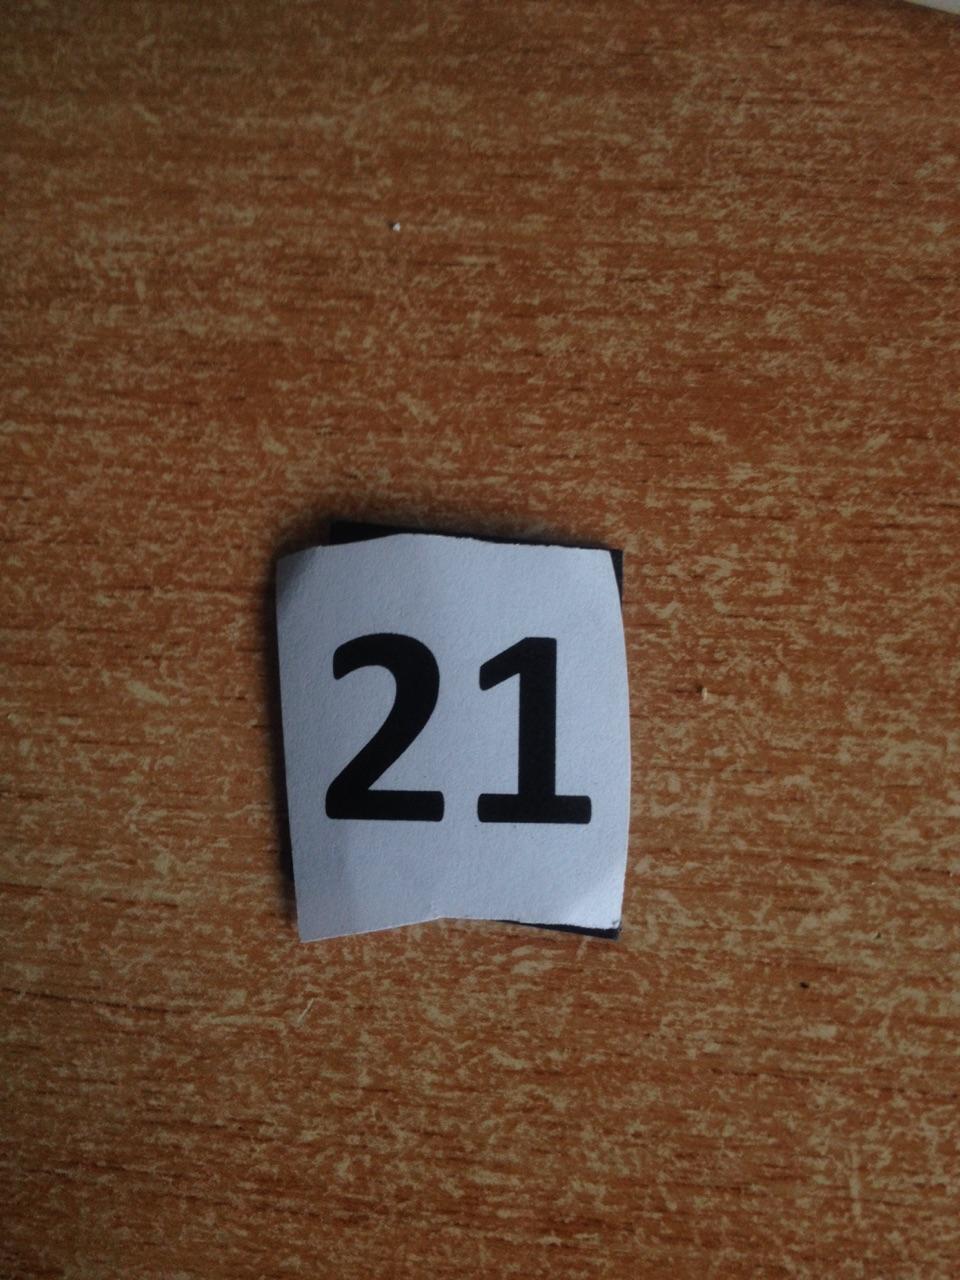 Эксперимент по угадыванию карточек - Страница 6 Bylcoa10